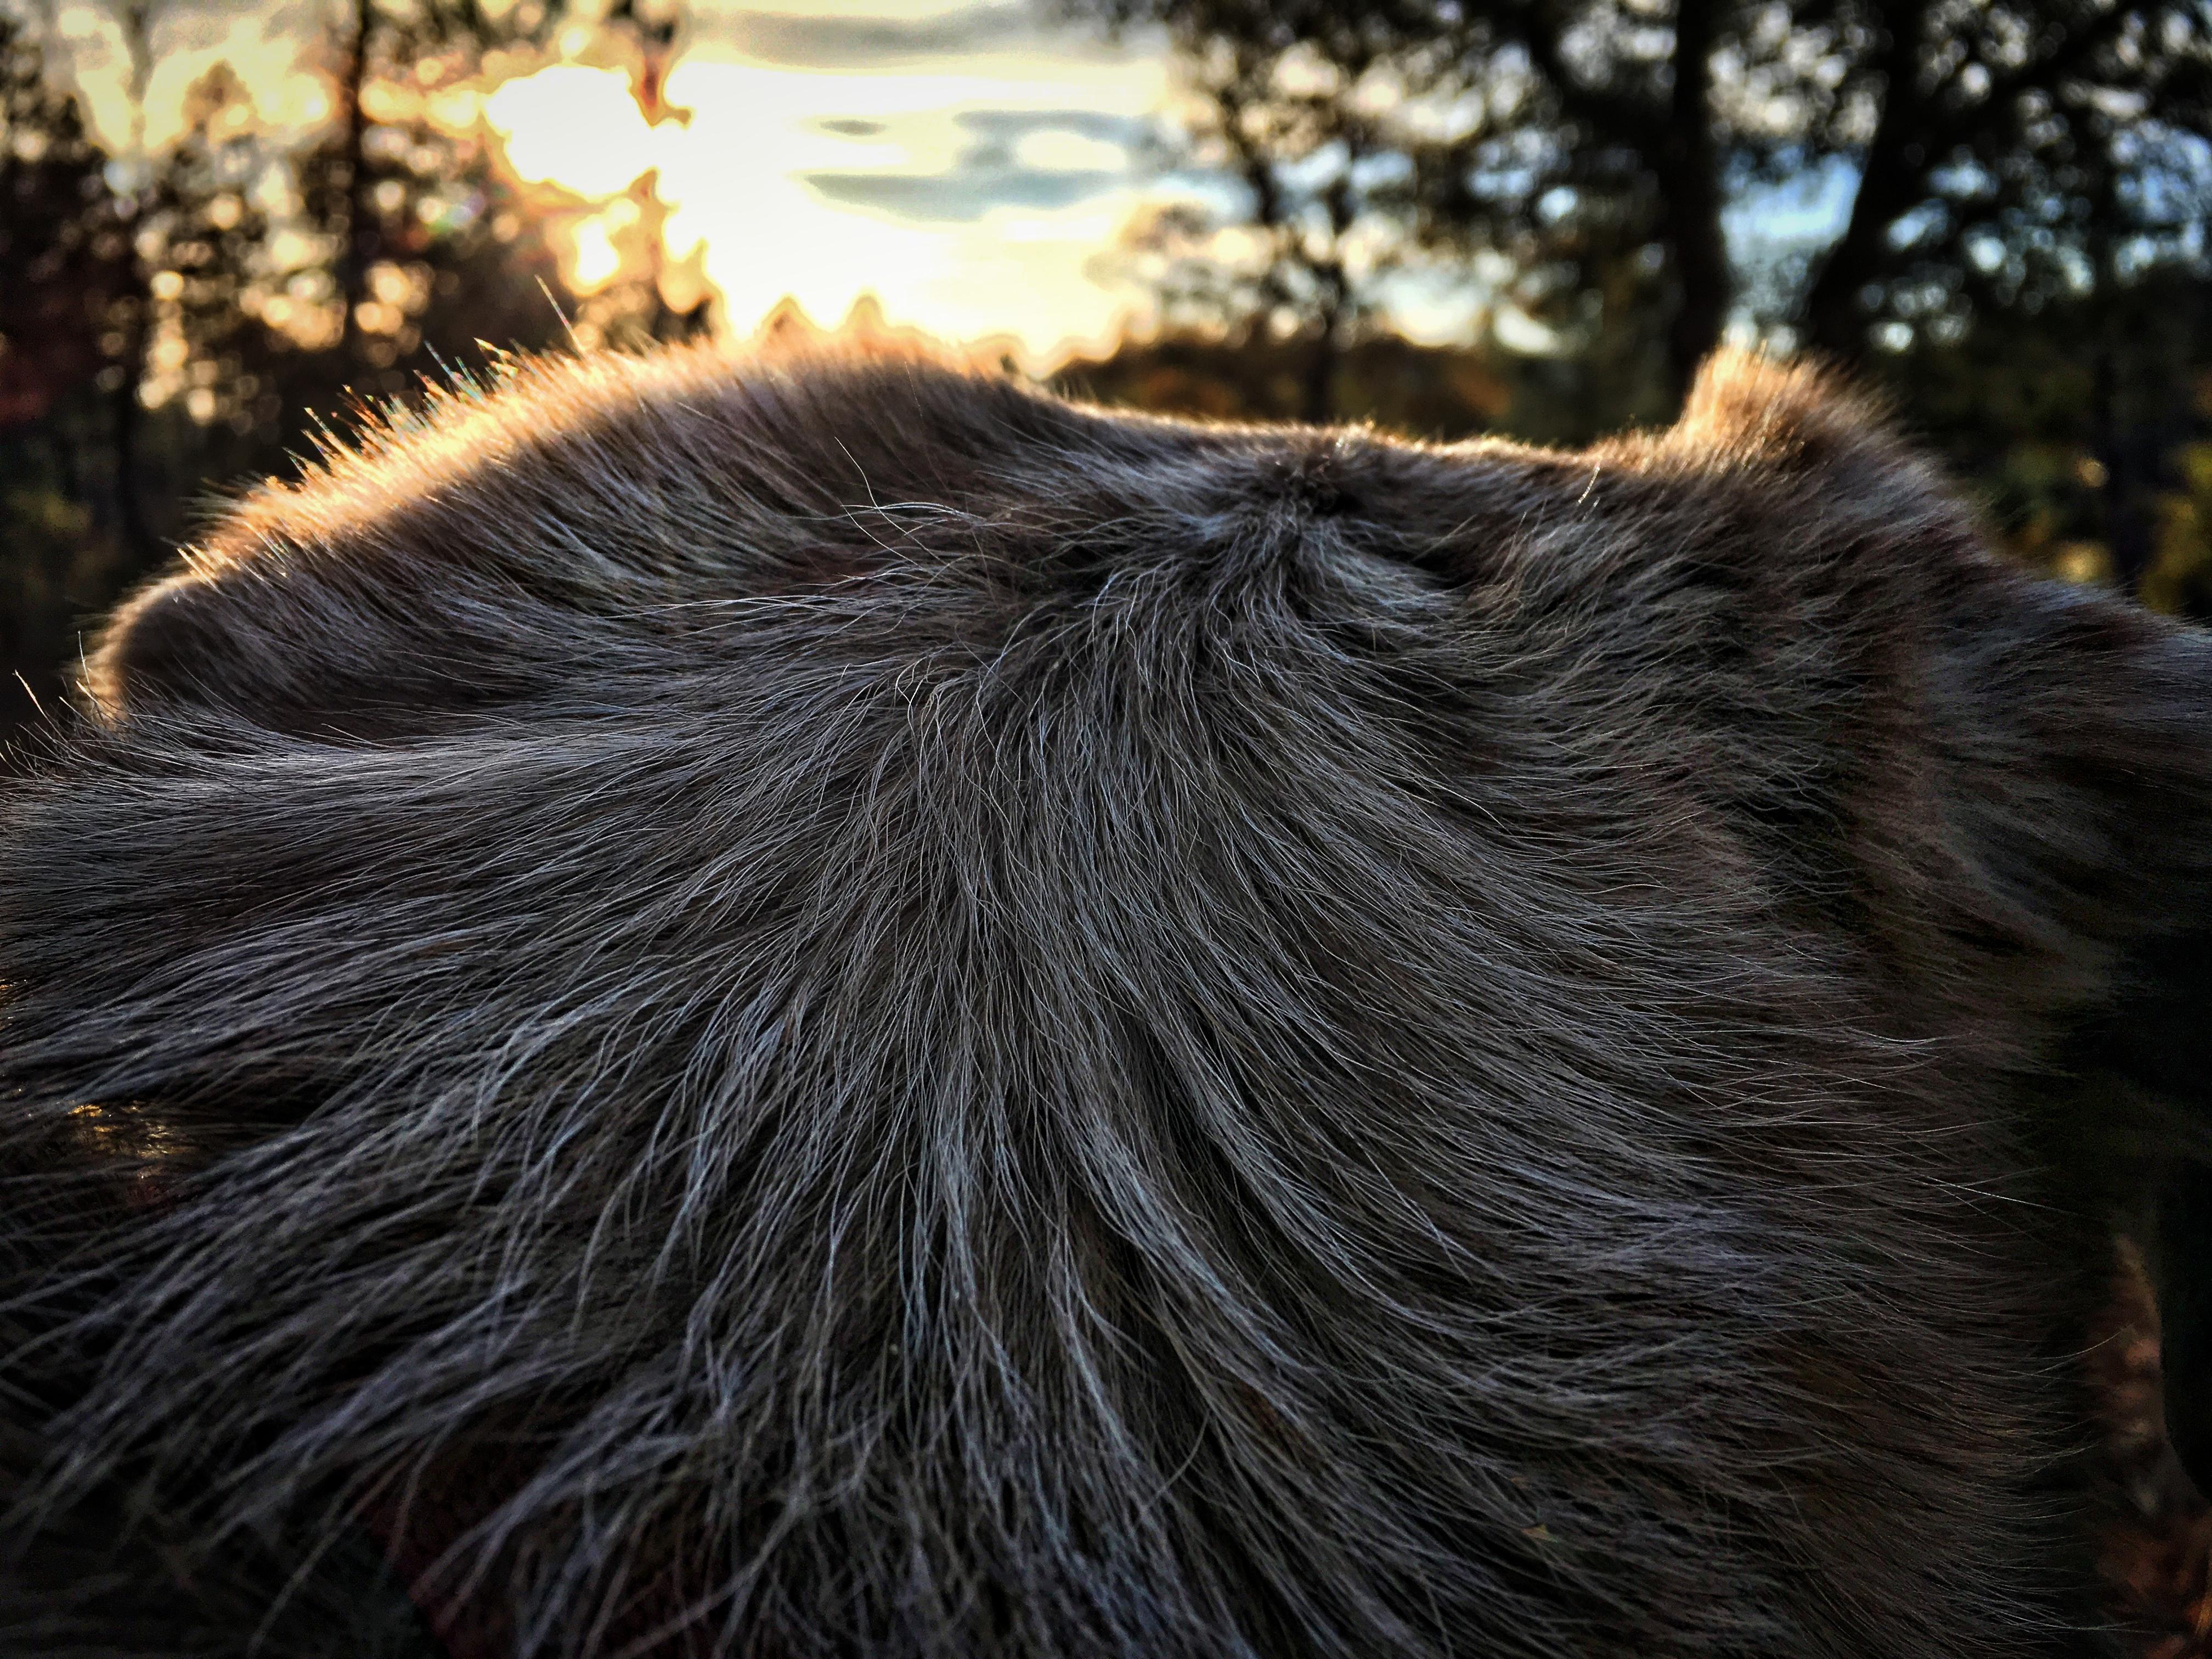 Dog watched sunset photo